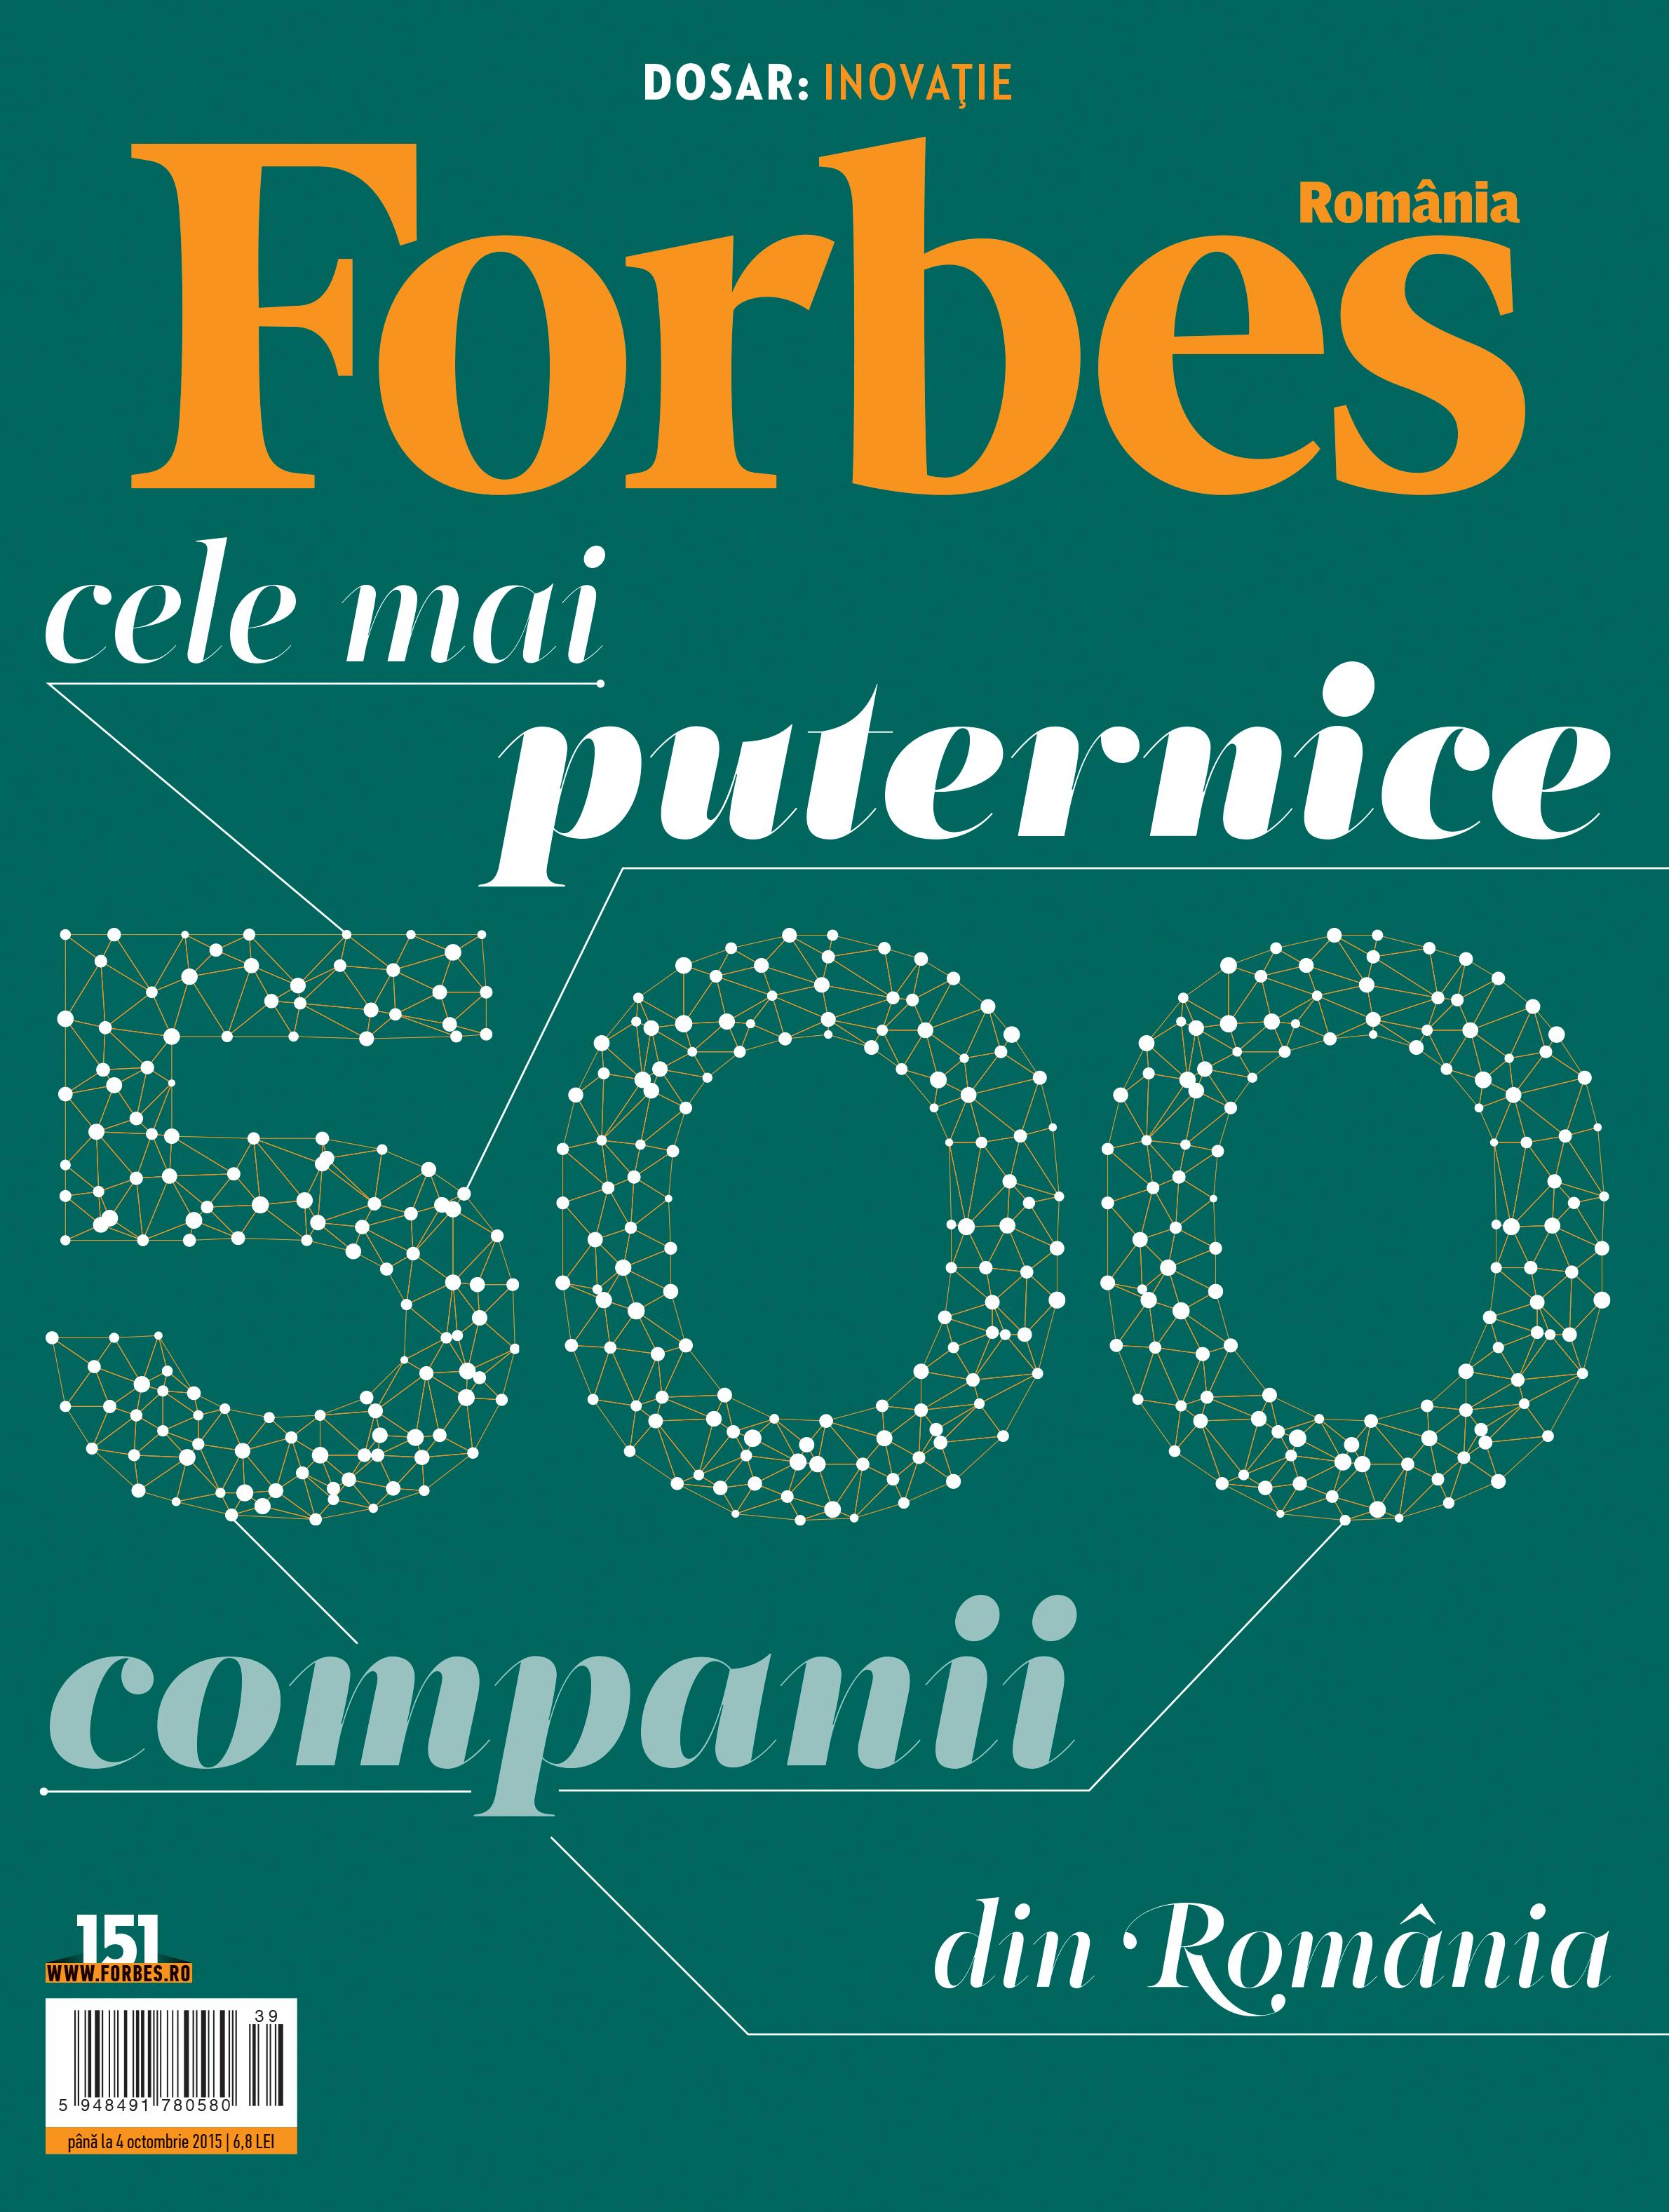 Nr. 151 - Cele mai puternice 500 companii din România